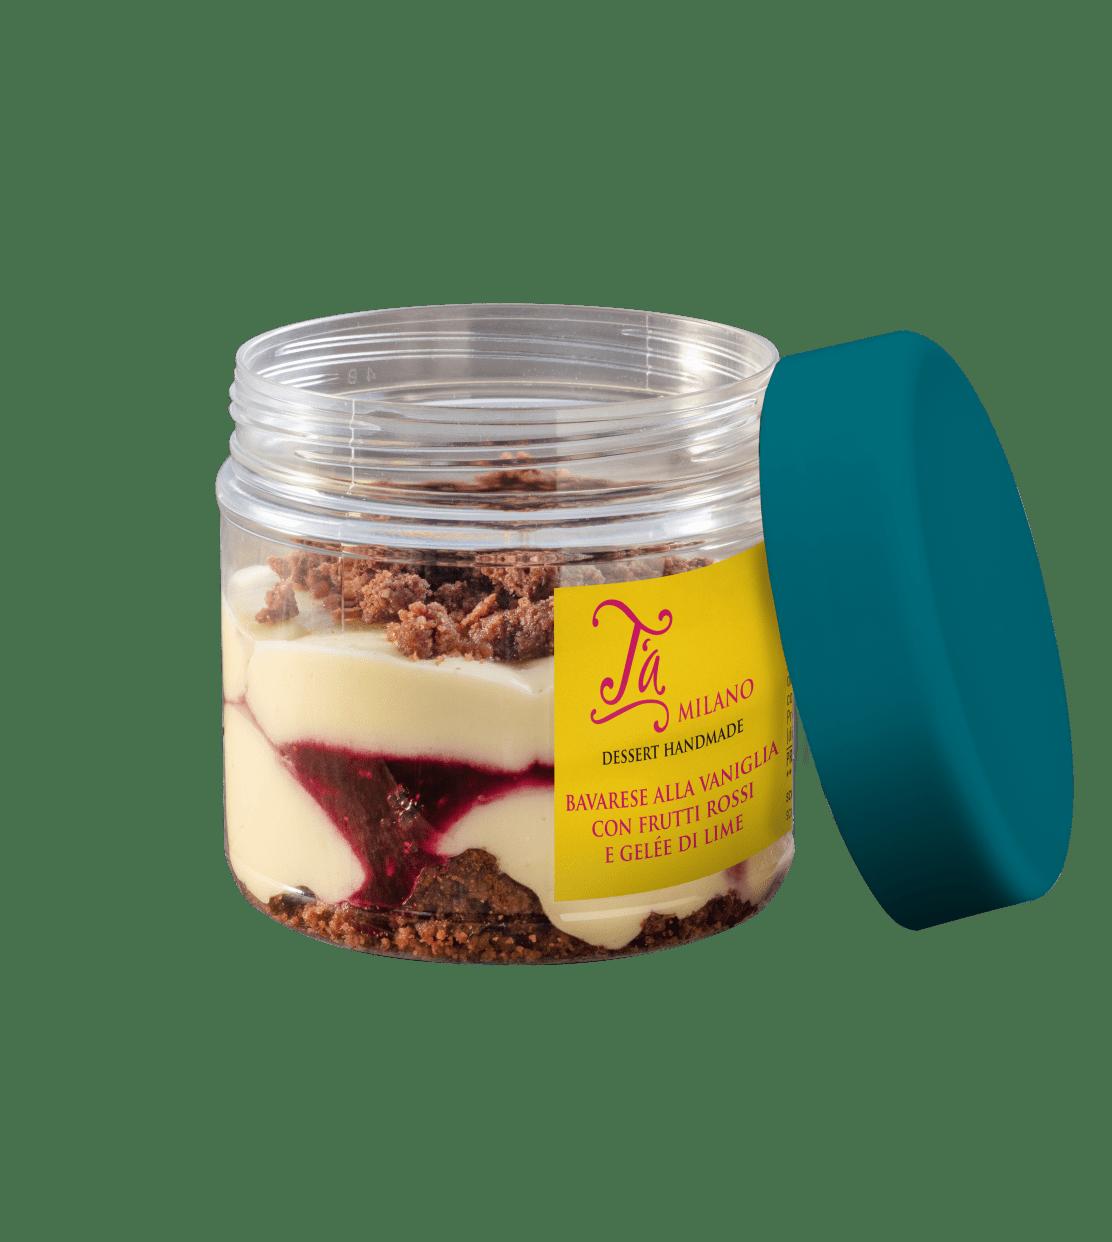 Bavarese alla vaniglia con frutti rossi e gelée di lime